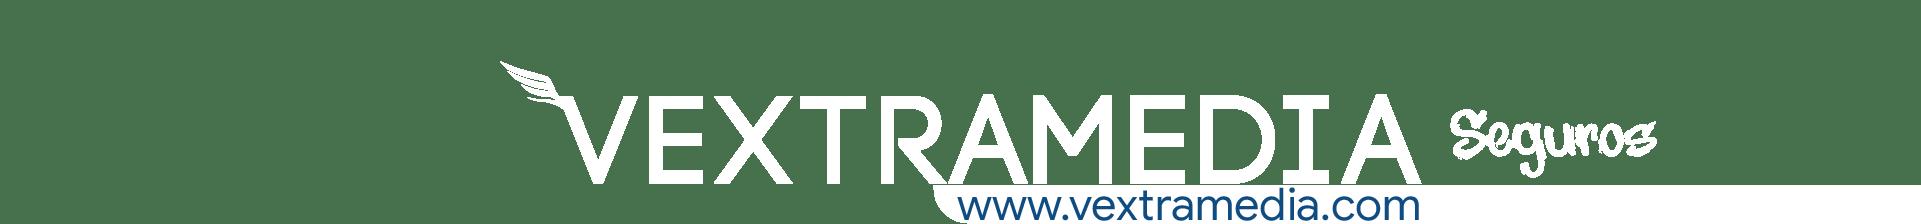 cabecera-seguros-vextramedia-